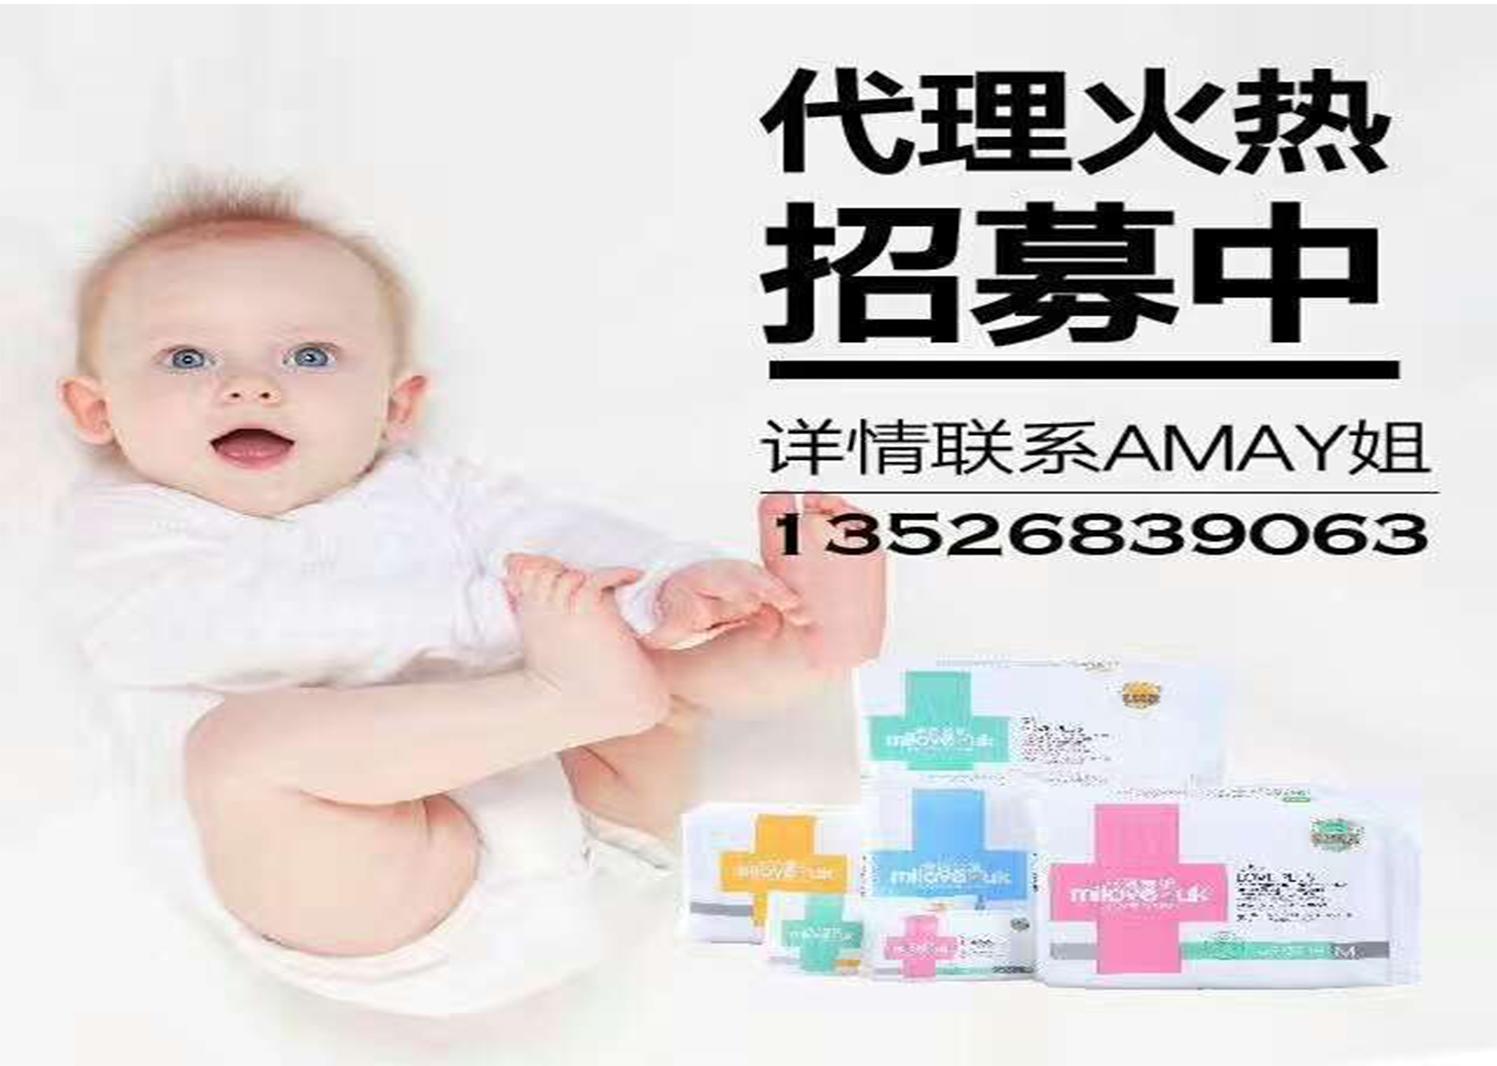 纯净纸尿裤开创者,米洛爱加诚招全国微商代理